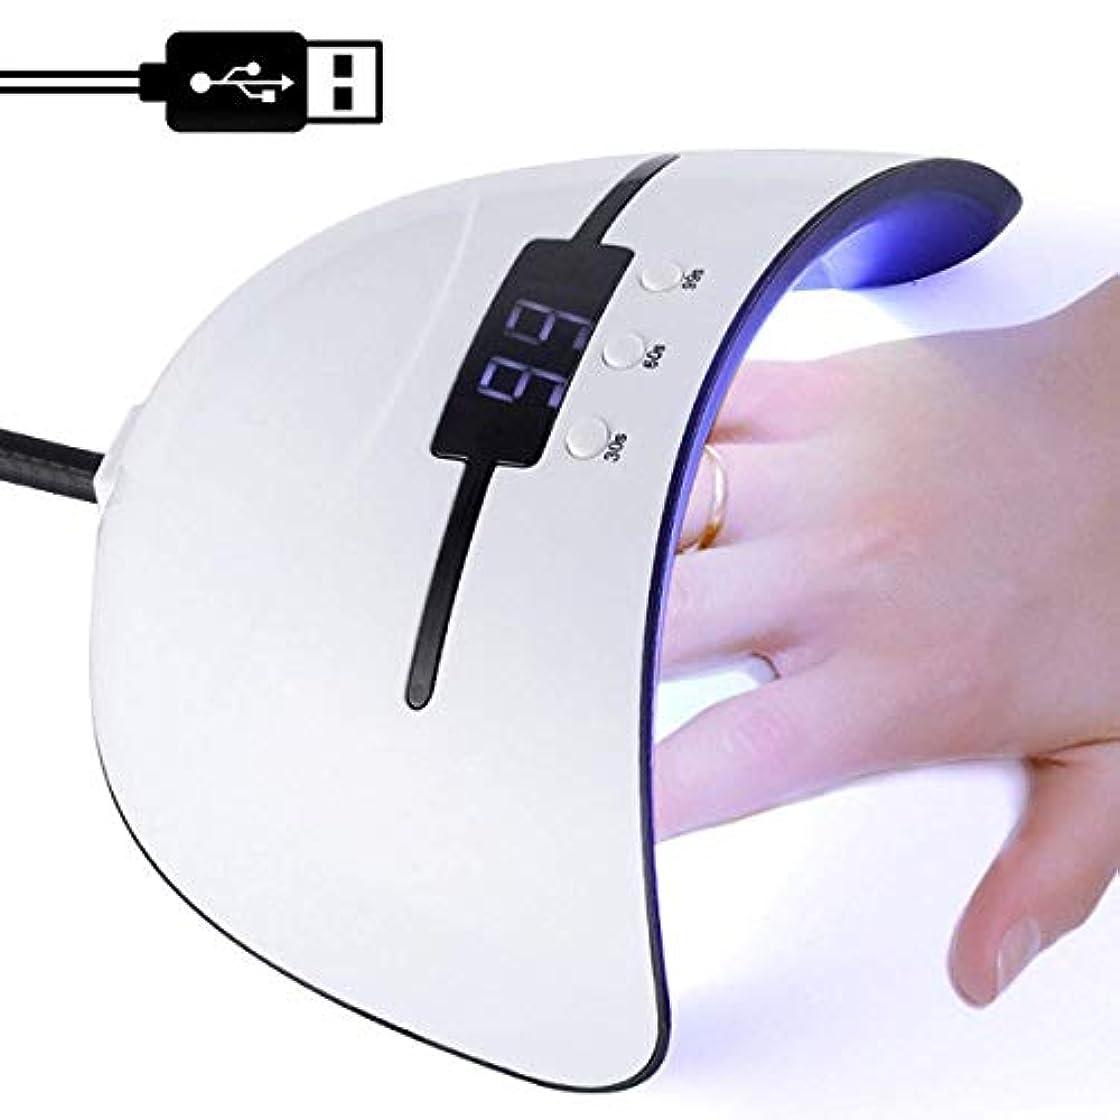 満たす寄生虫責ネイルドライヤー 硬化用ライト 36w 美肌搭載 爪の薄い女性でも安心 液晶モニター センサーが感知 全ジェル対応 LED UV ネイルライト